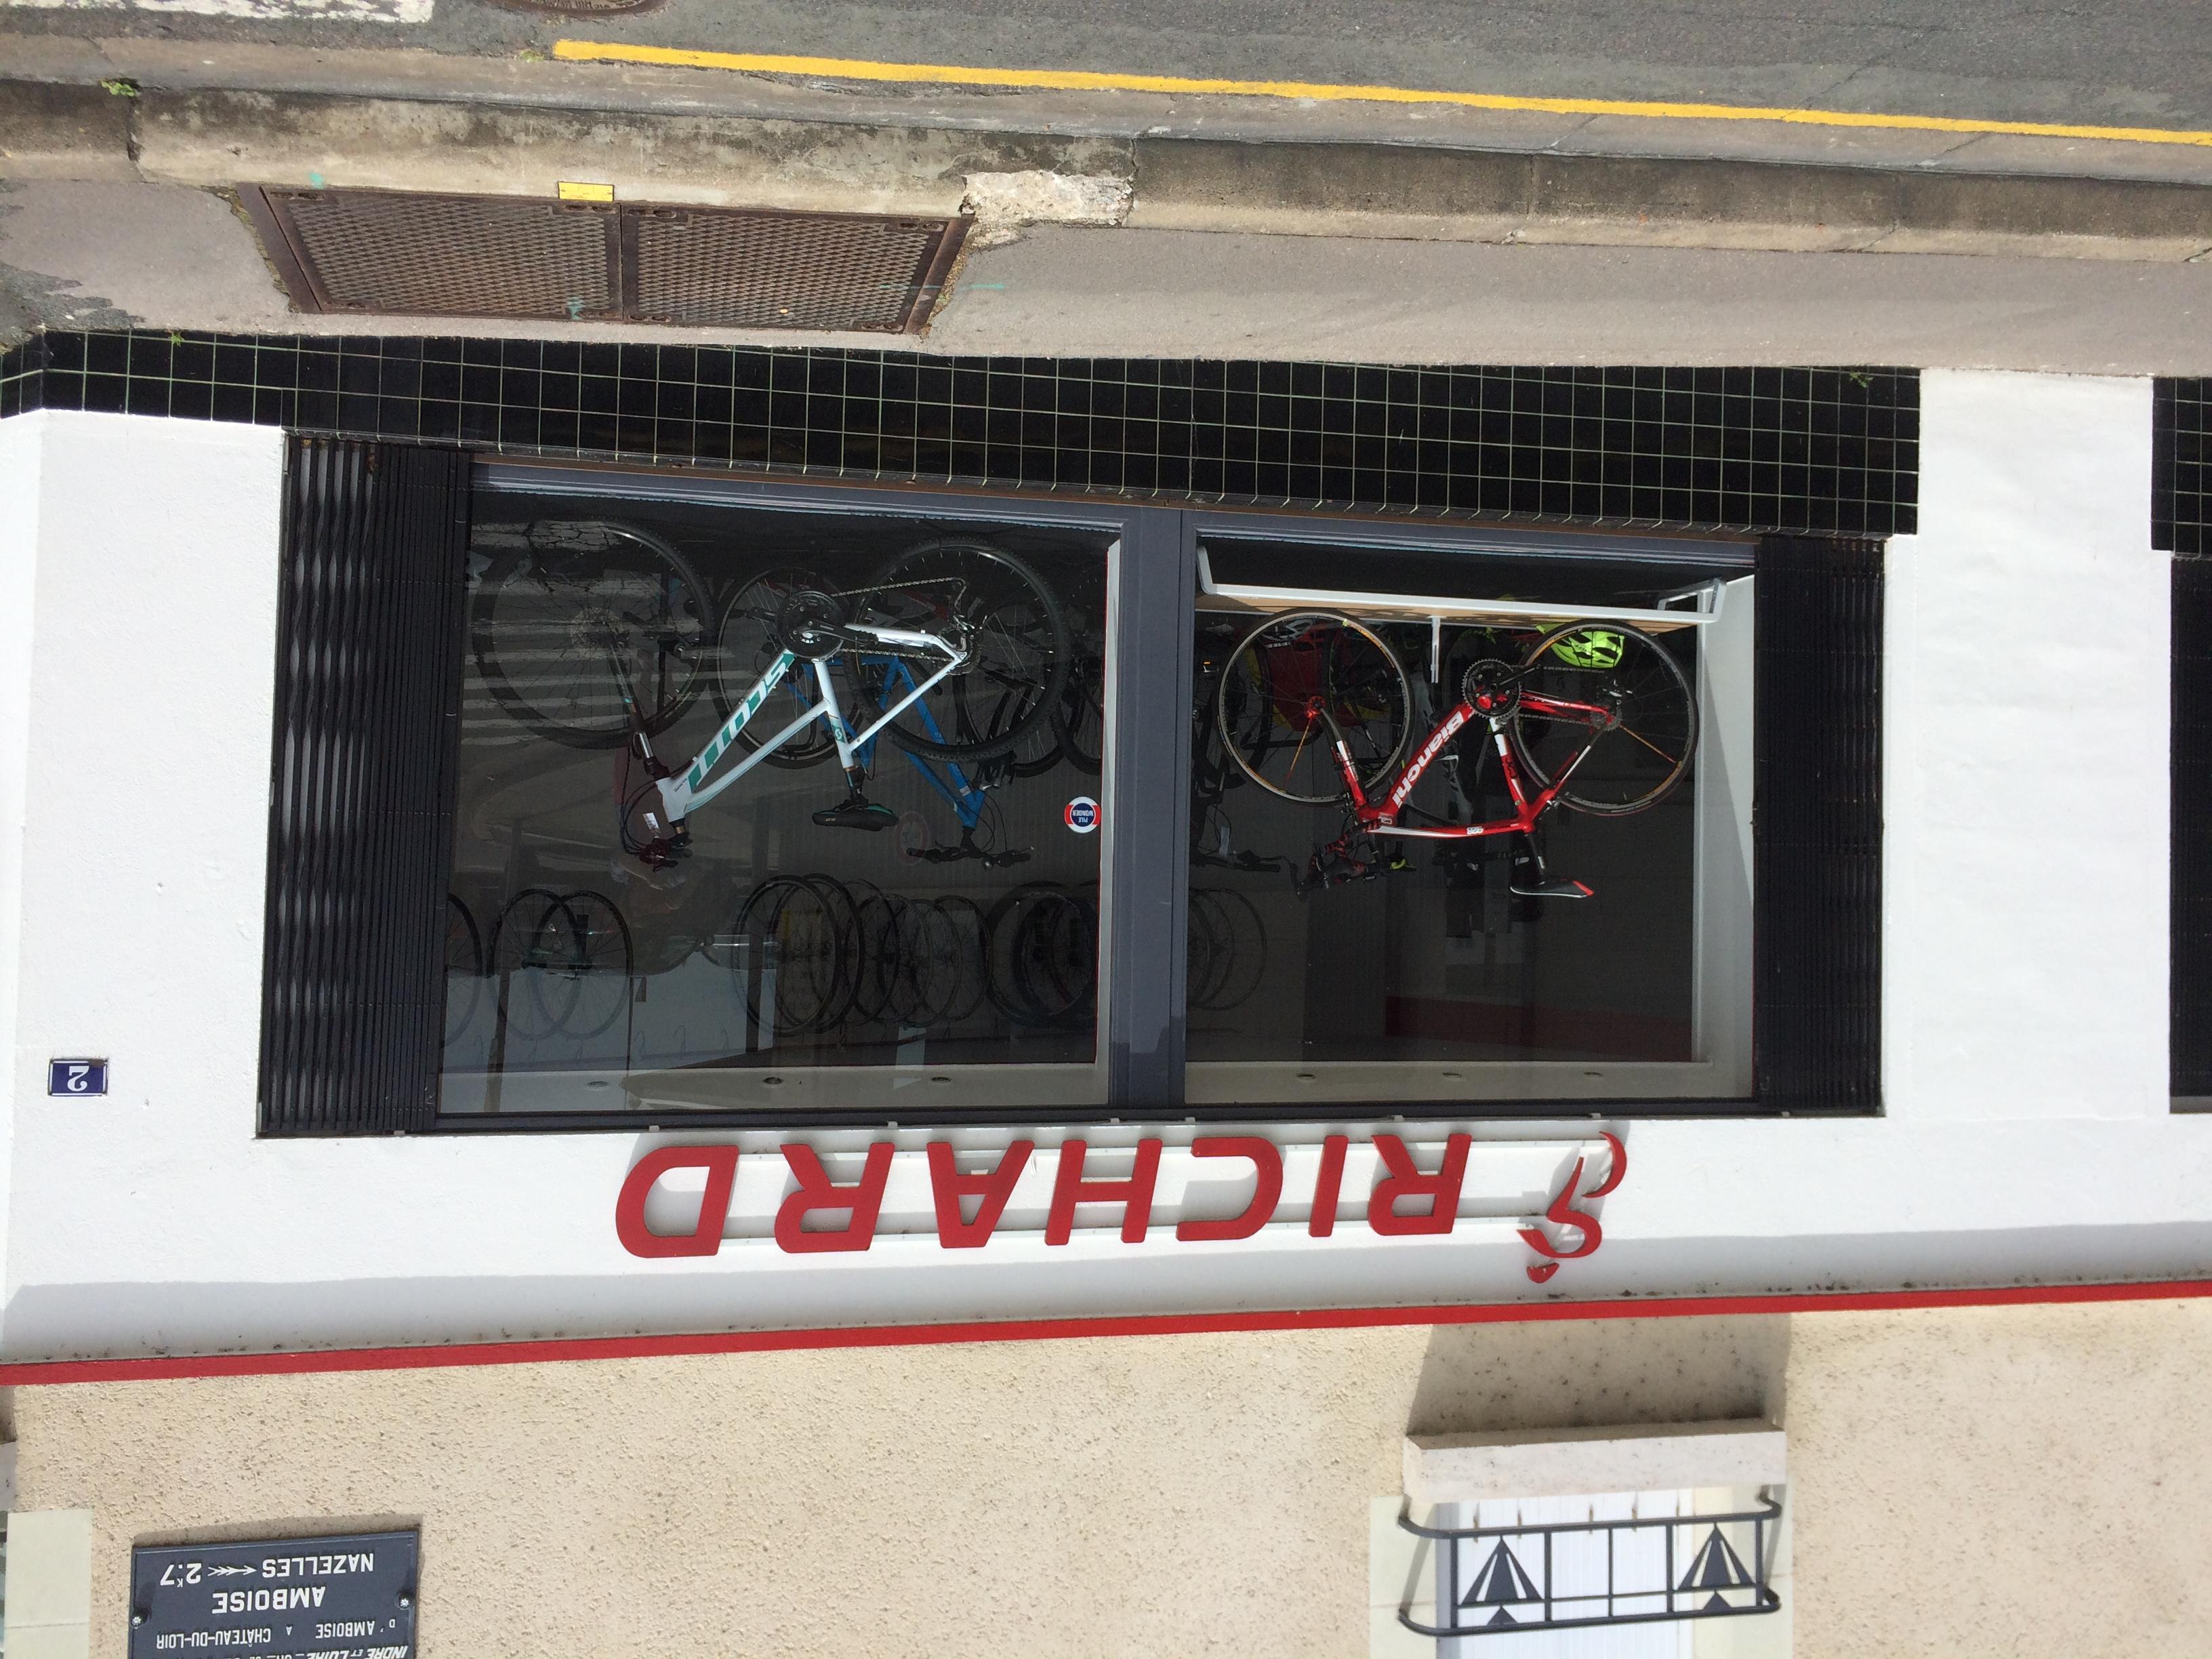 A Amboise louer et réparer des vélos